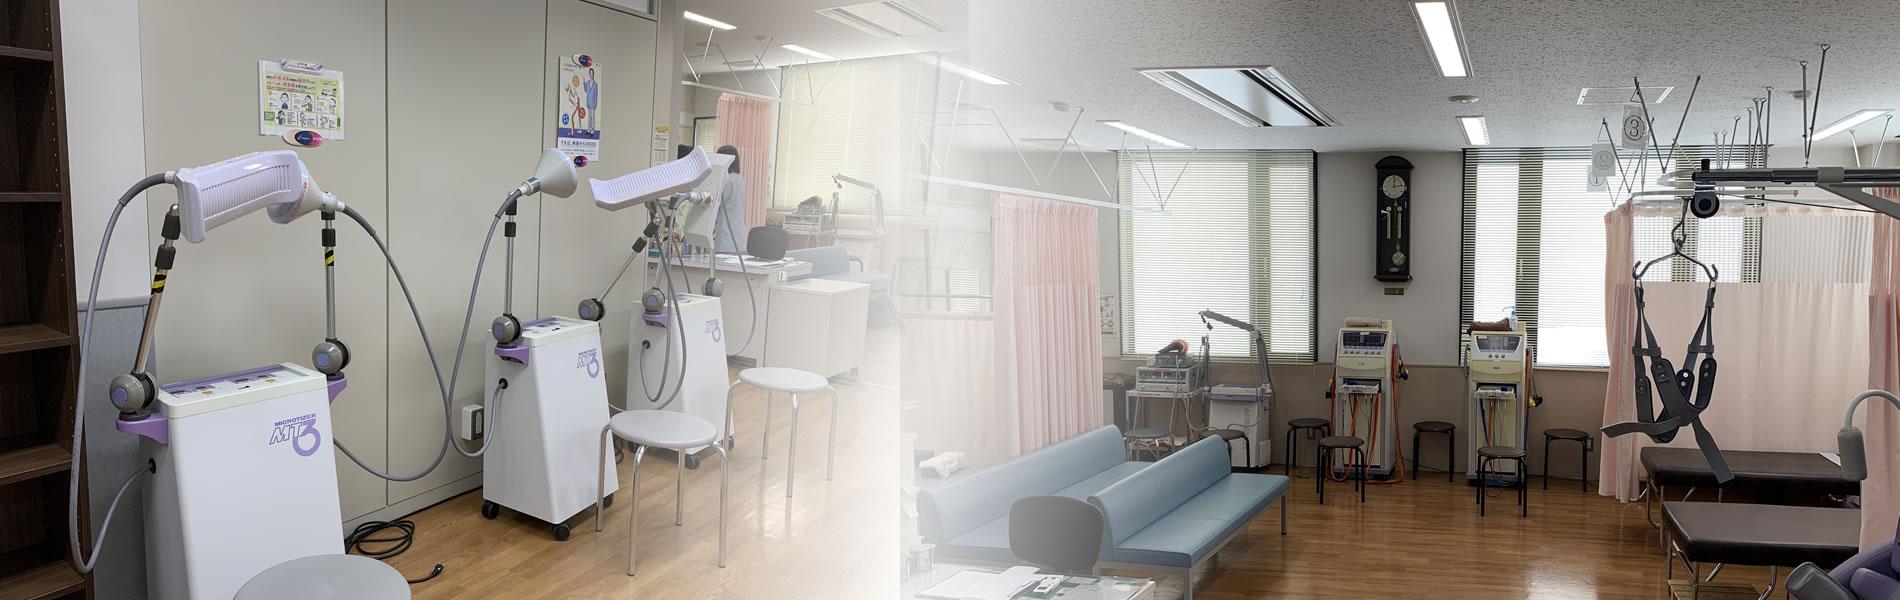 地域社会に貢献できる医院であり続けるために、日々診療を重ねる滋賀県湖南市柑子袋のふじた医院です。